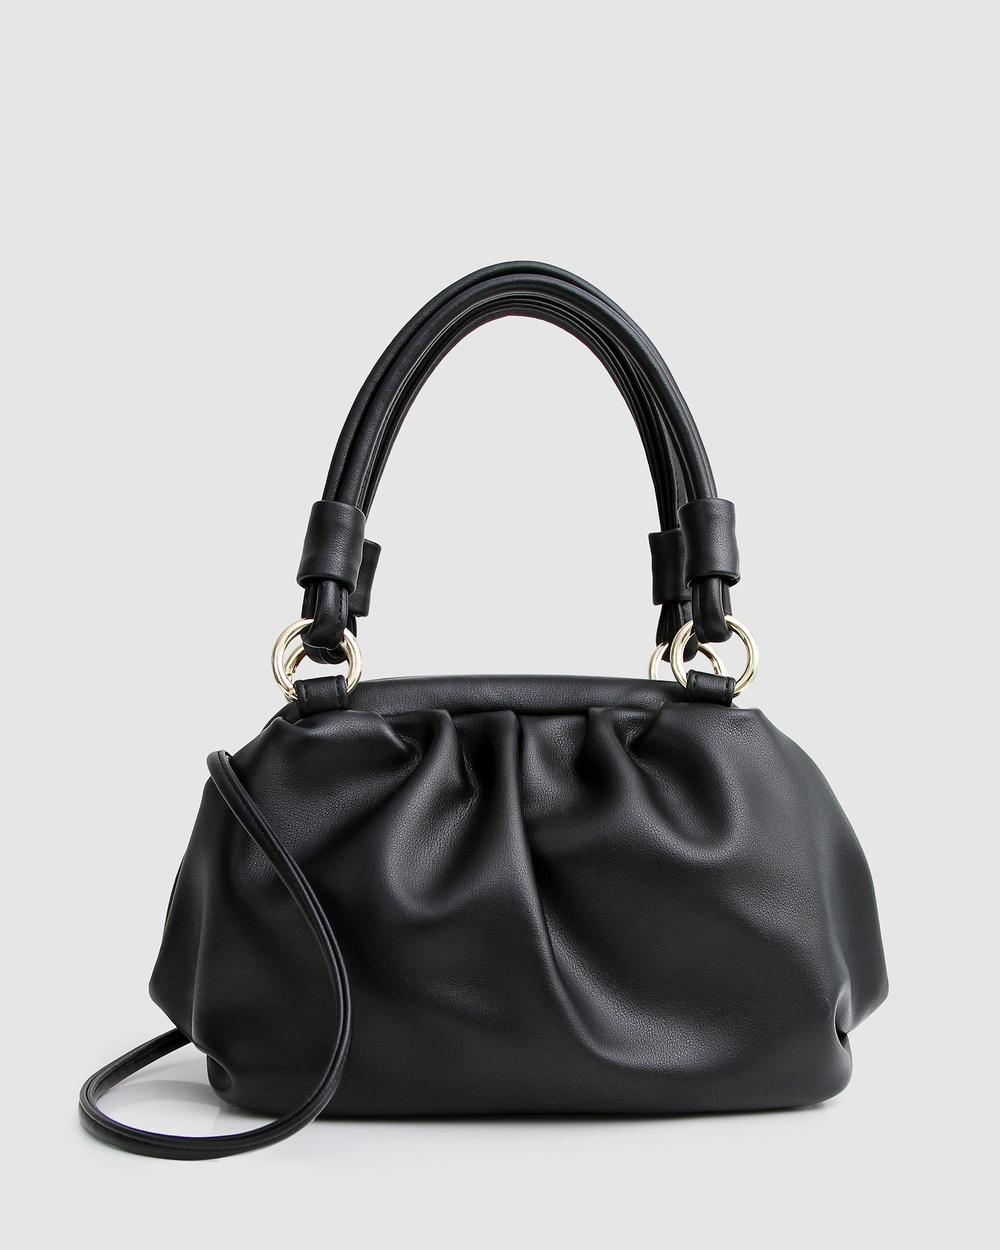 Belle & Bloom Just Because Leather Shoulder Bag Handbags Black